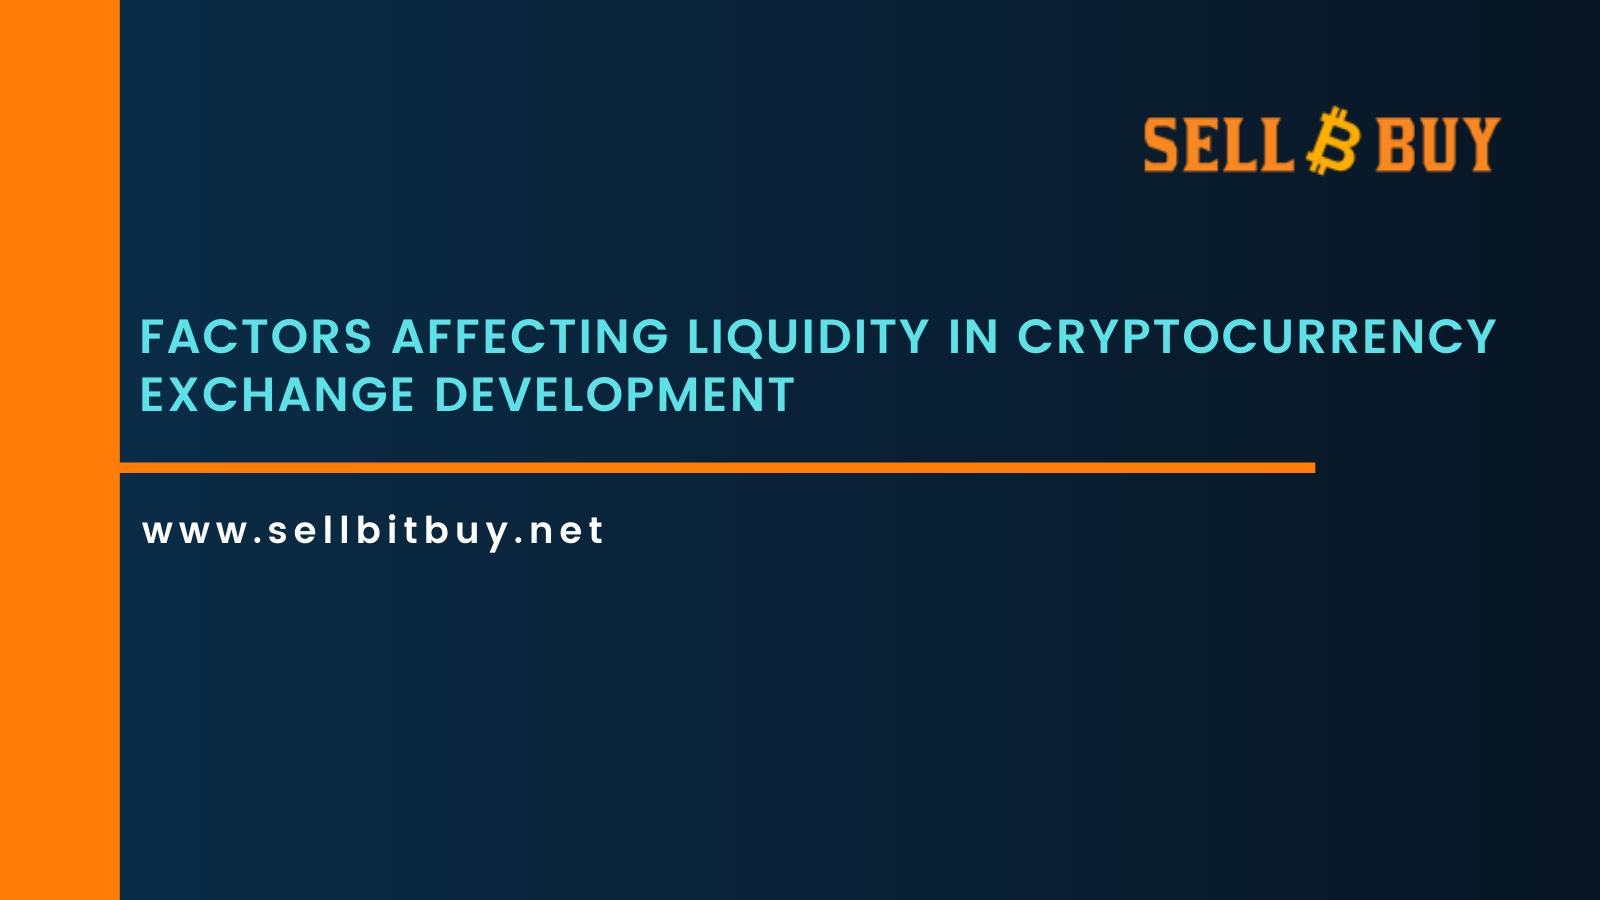 Factors Affecting Liquidity In Cryptocurrency Exchange Development